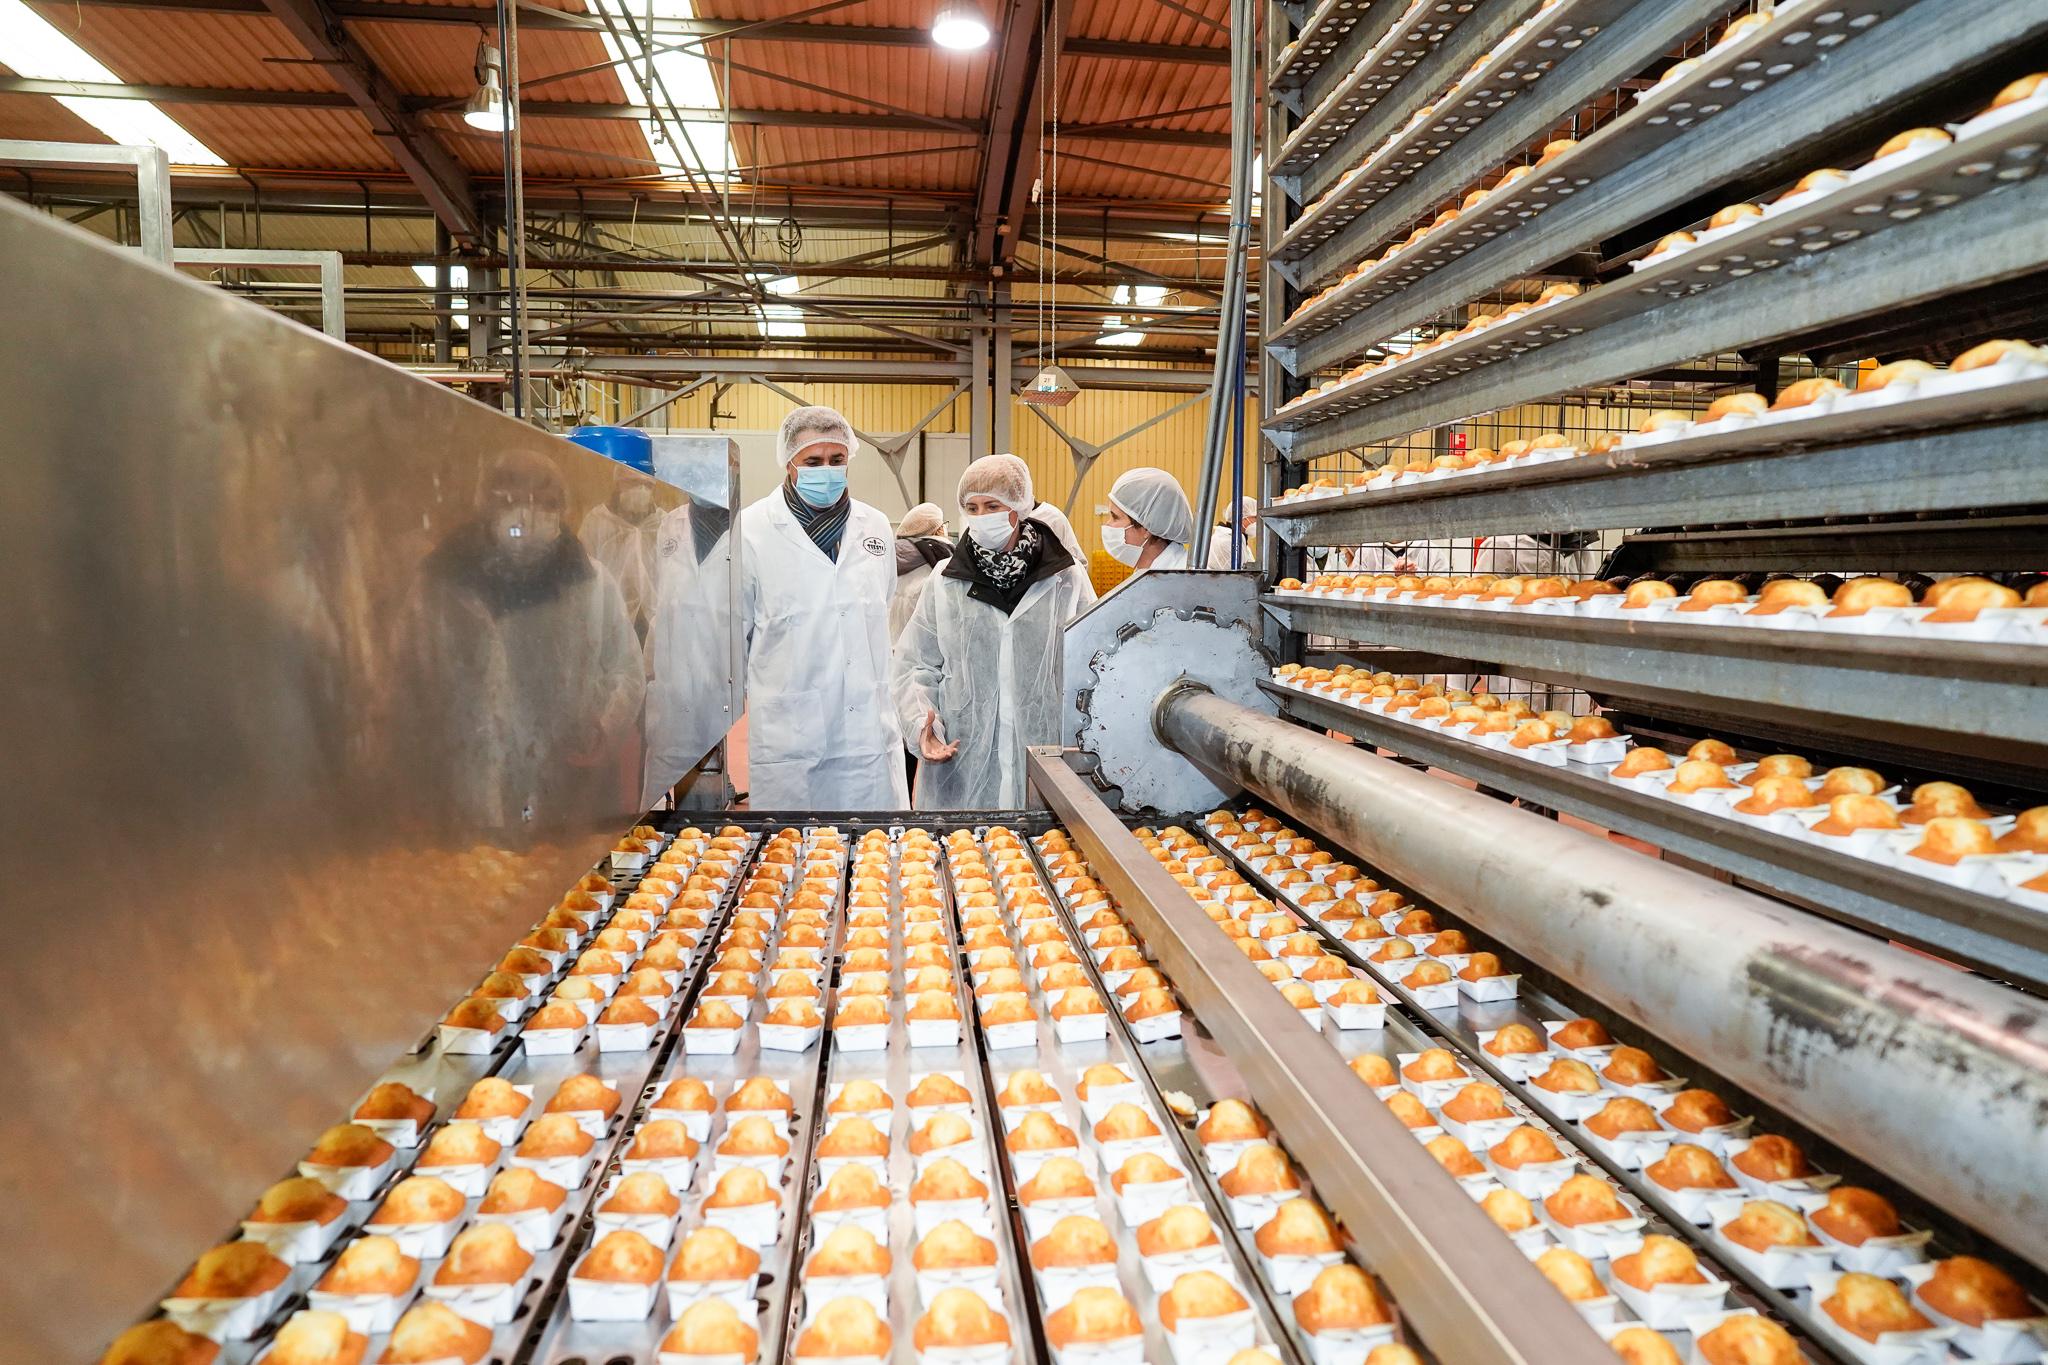 Tuesta Bakery contempla unas inversiones de 2 millones de euros para poner en marcha sus cuatro líneas de fabricación de pan y bollería en Valdegovía [9:51]